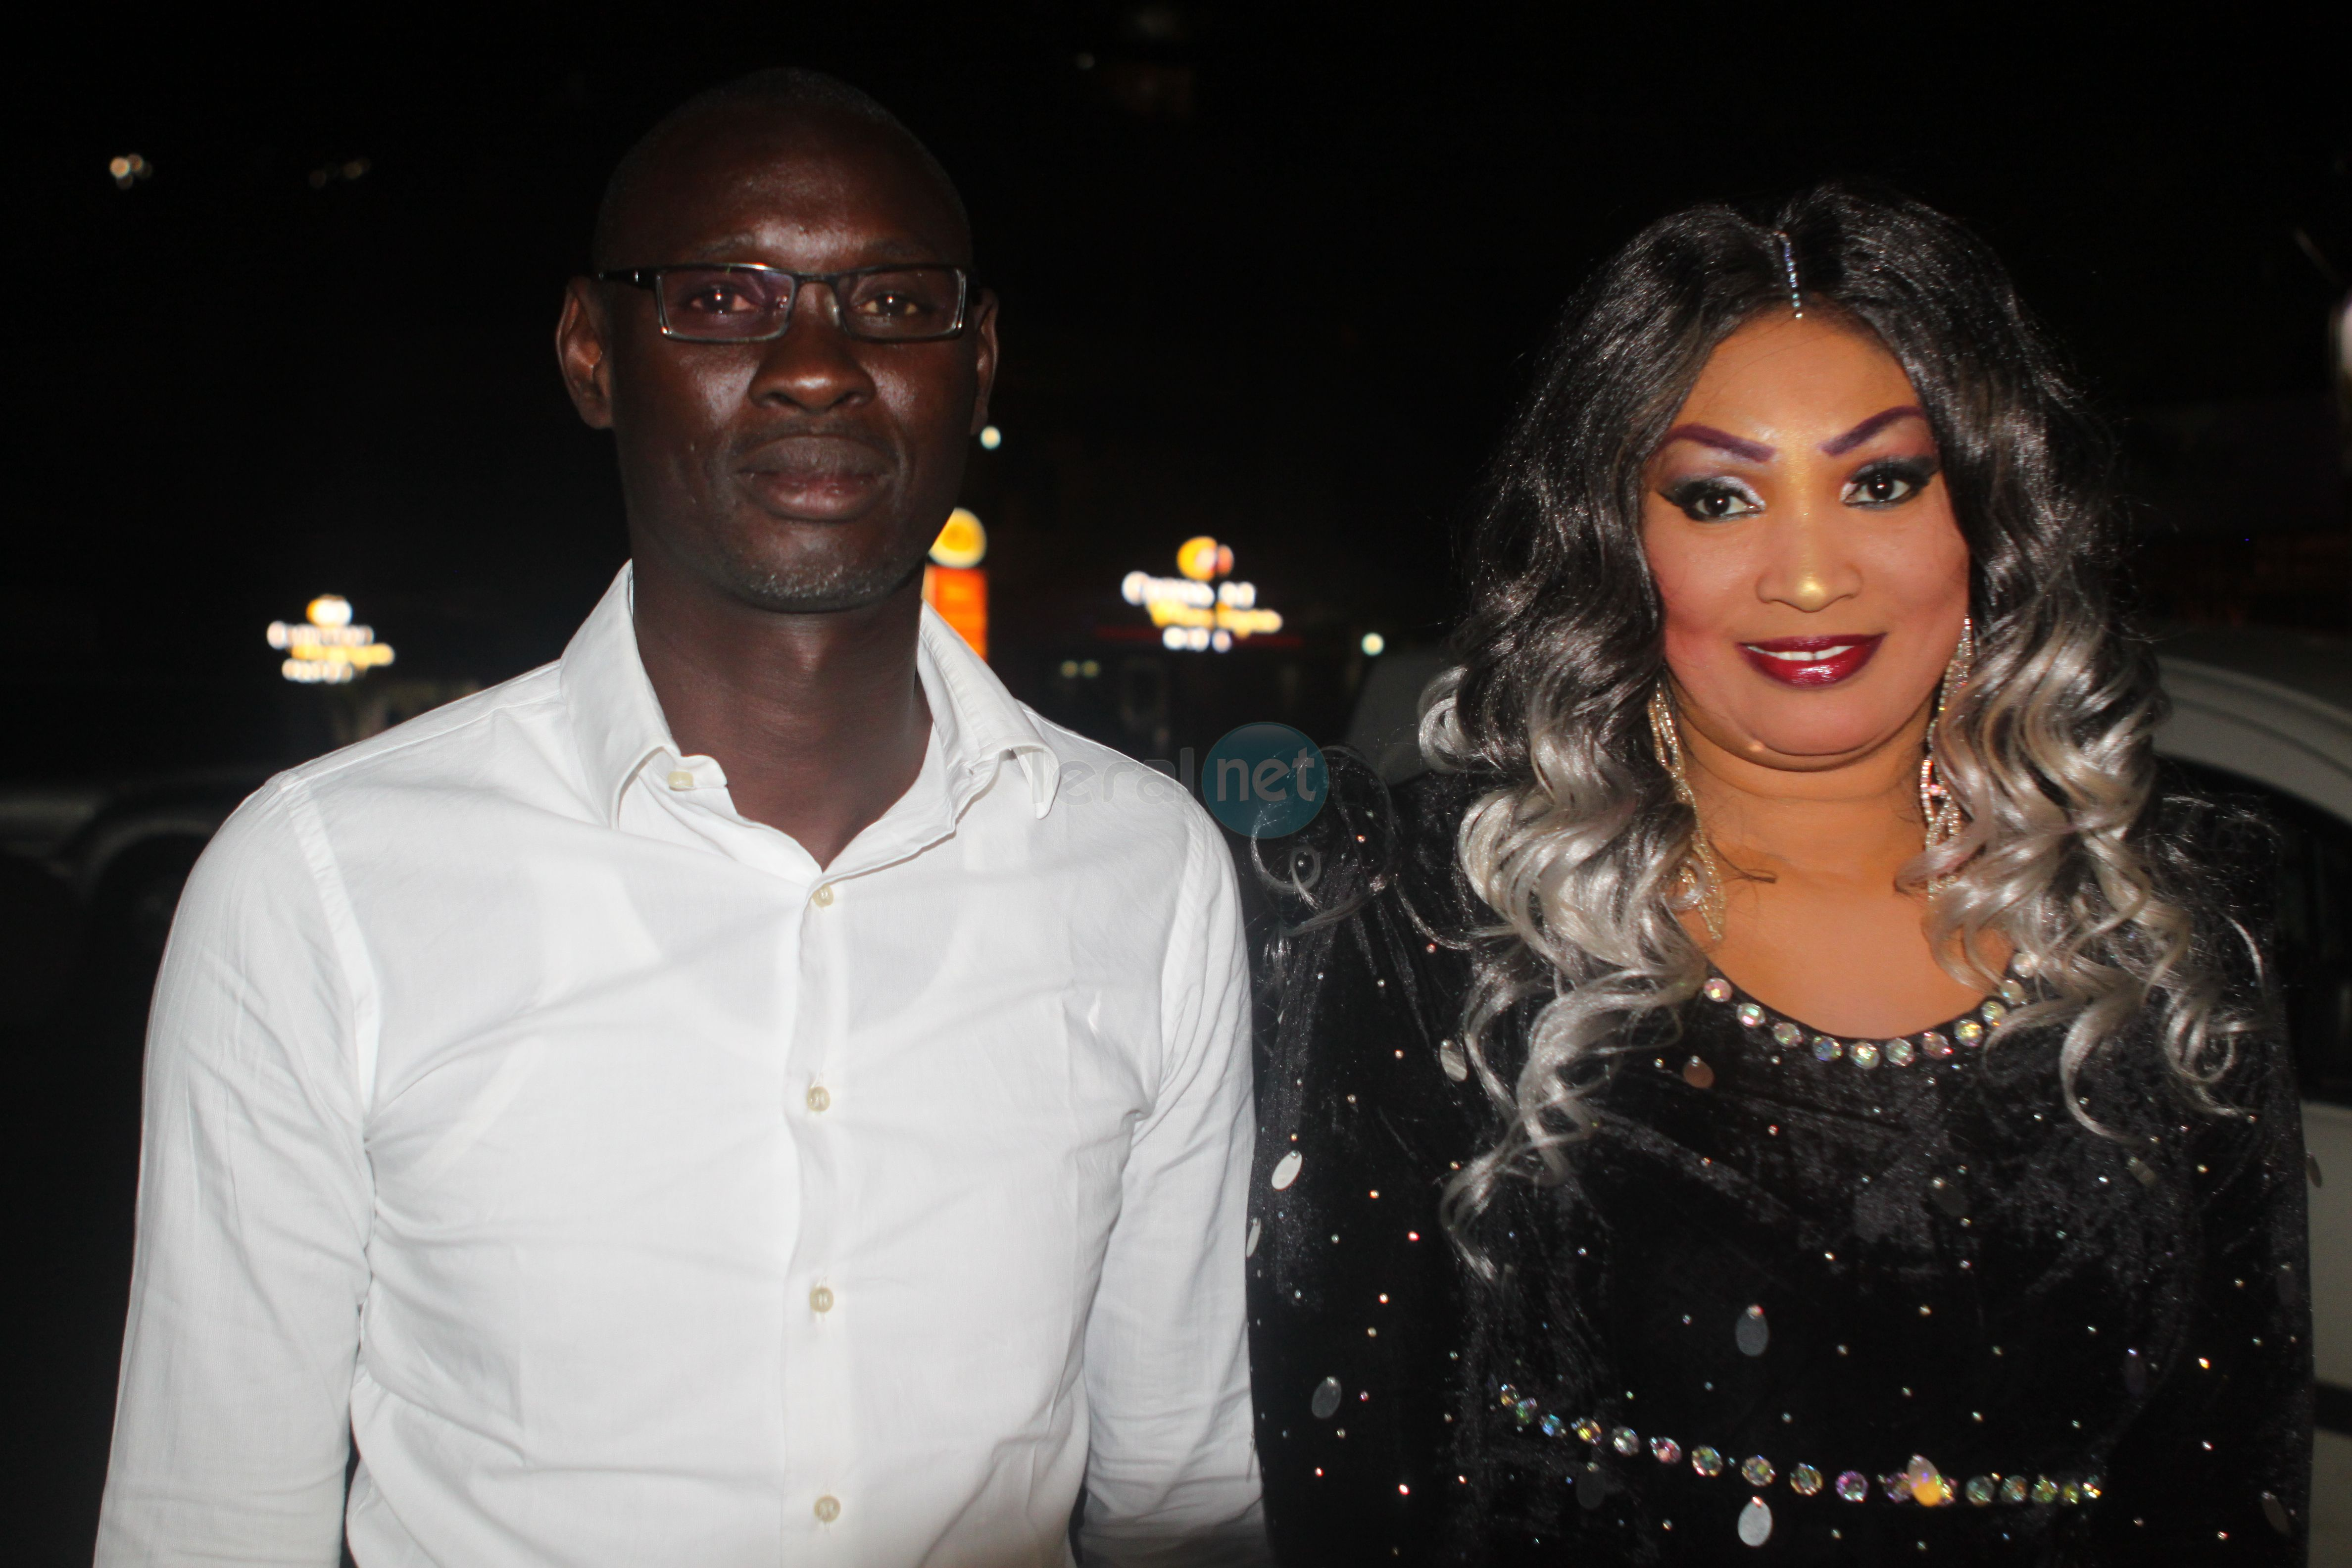 La styliste Nabou Diagne Salvador, très stylée et élégante